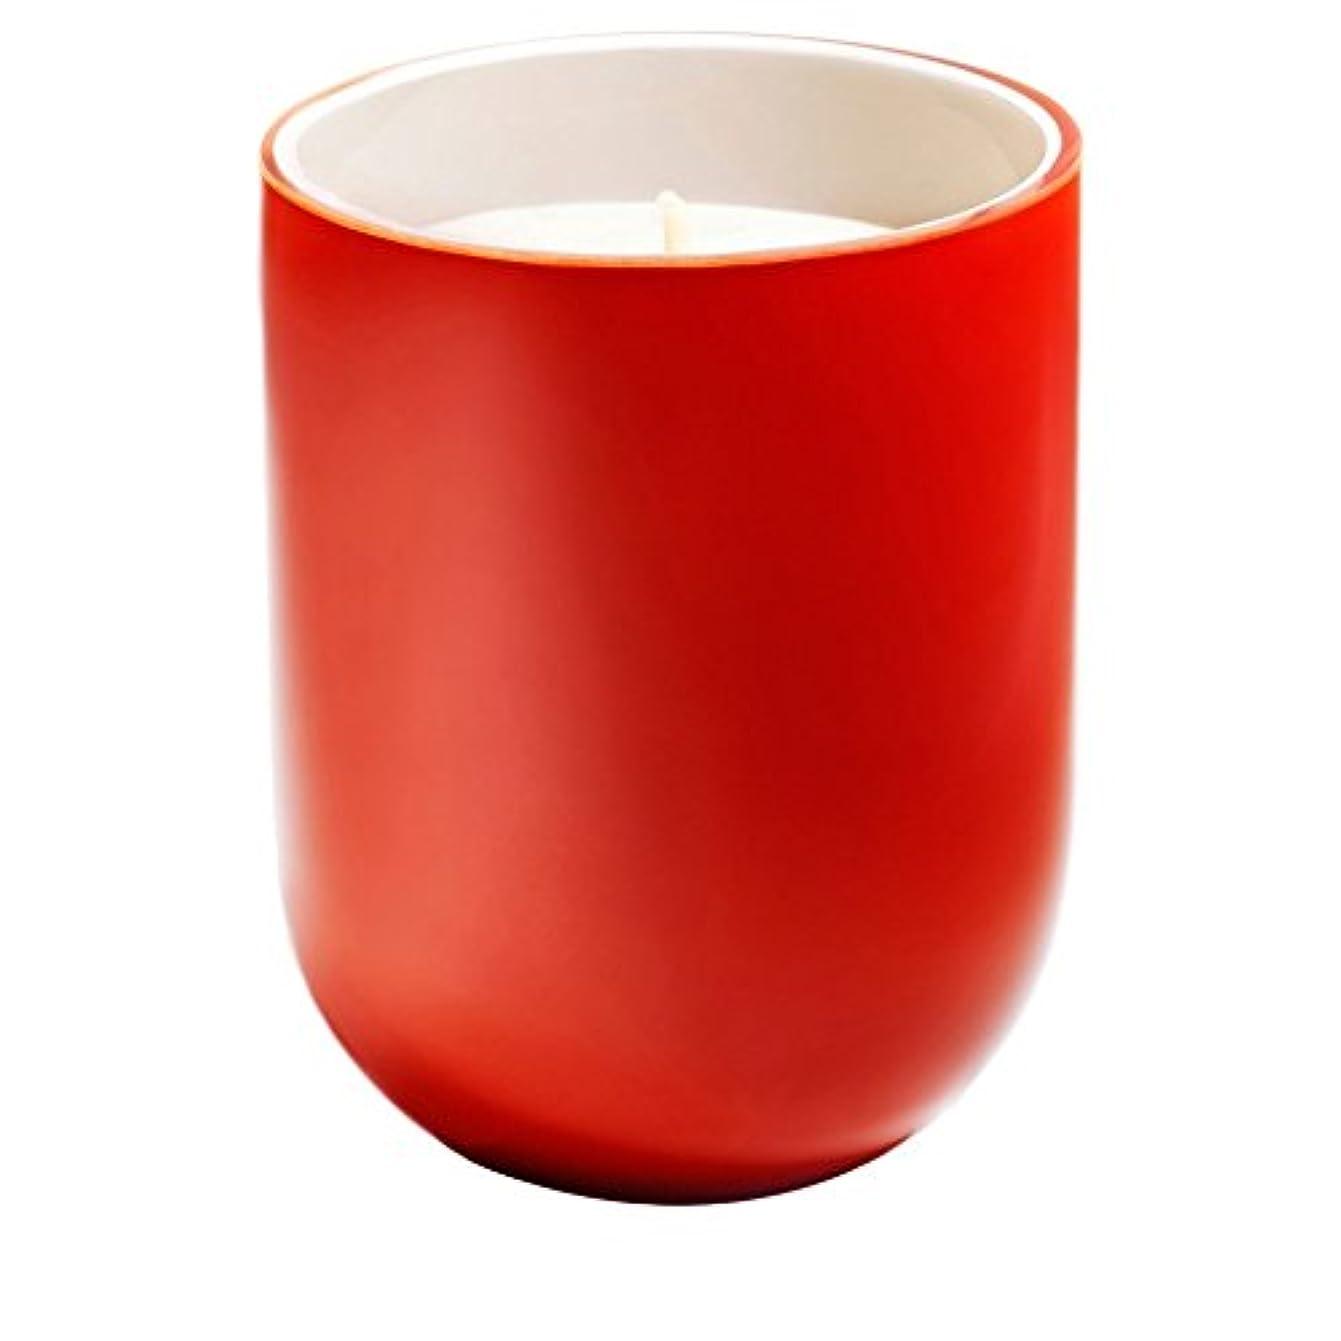 凍る感謝不道徳Frederic Malle Un Gard?nia La Nuit Scented Candle (Pack of 4) - フレデリック?マル国連ガーデニア?ラ?ニュイ香りのキャンドル x4 [並行輸入品]